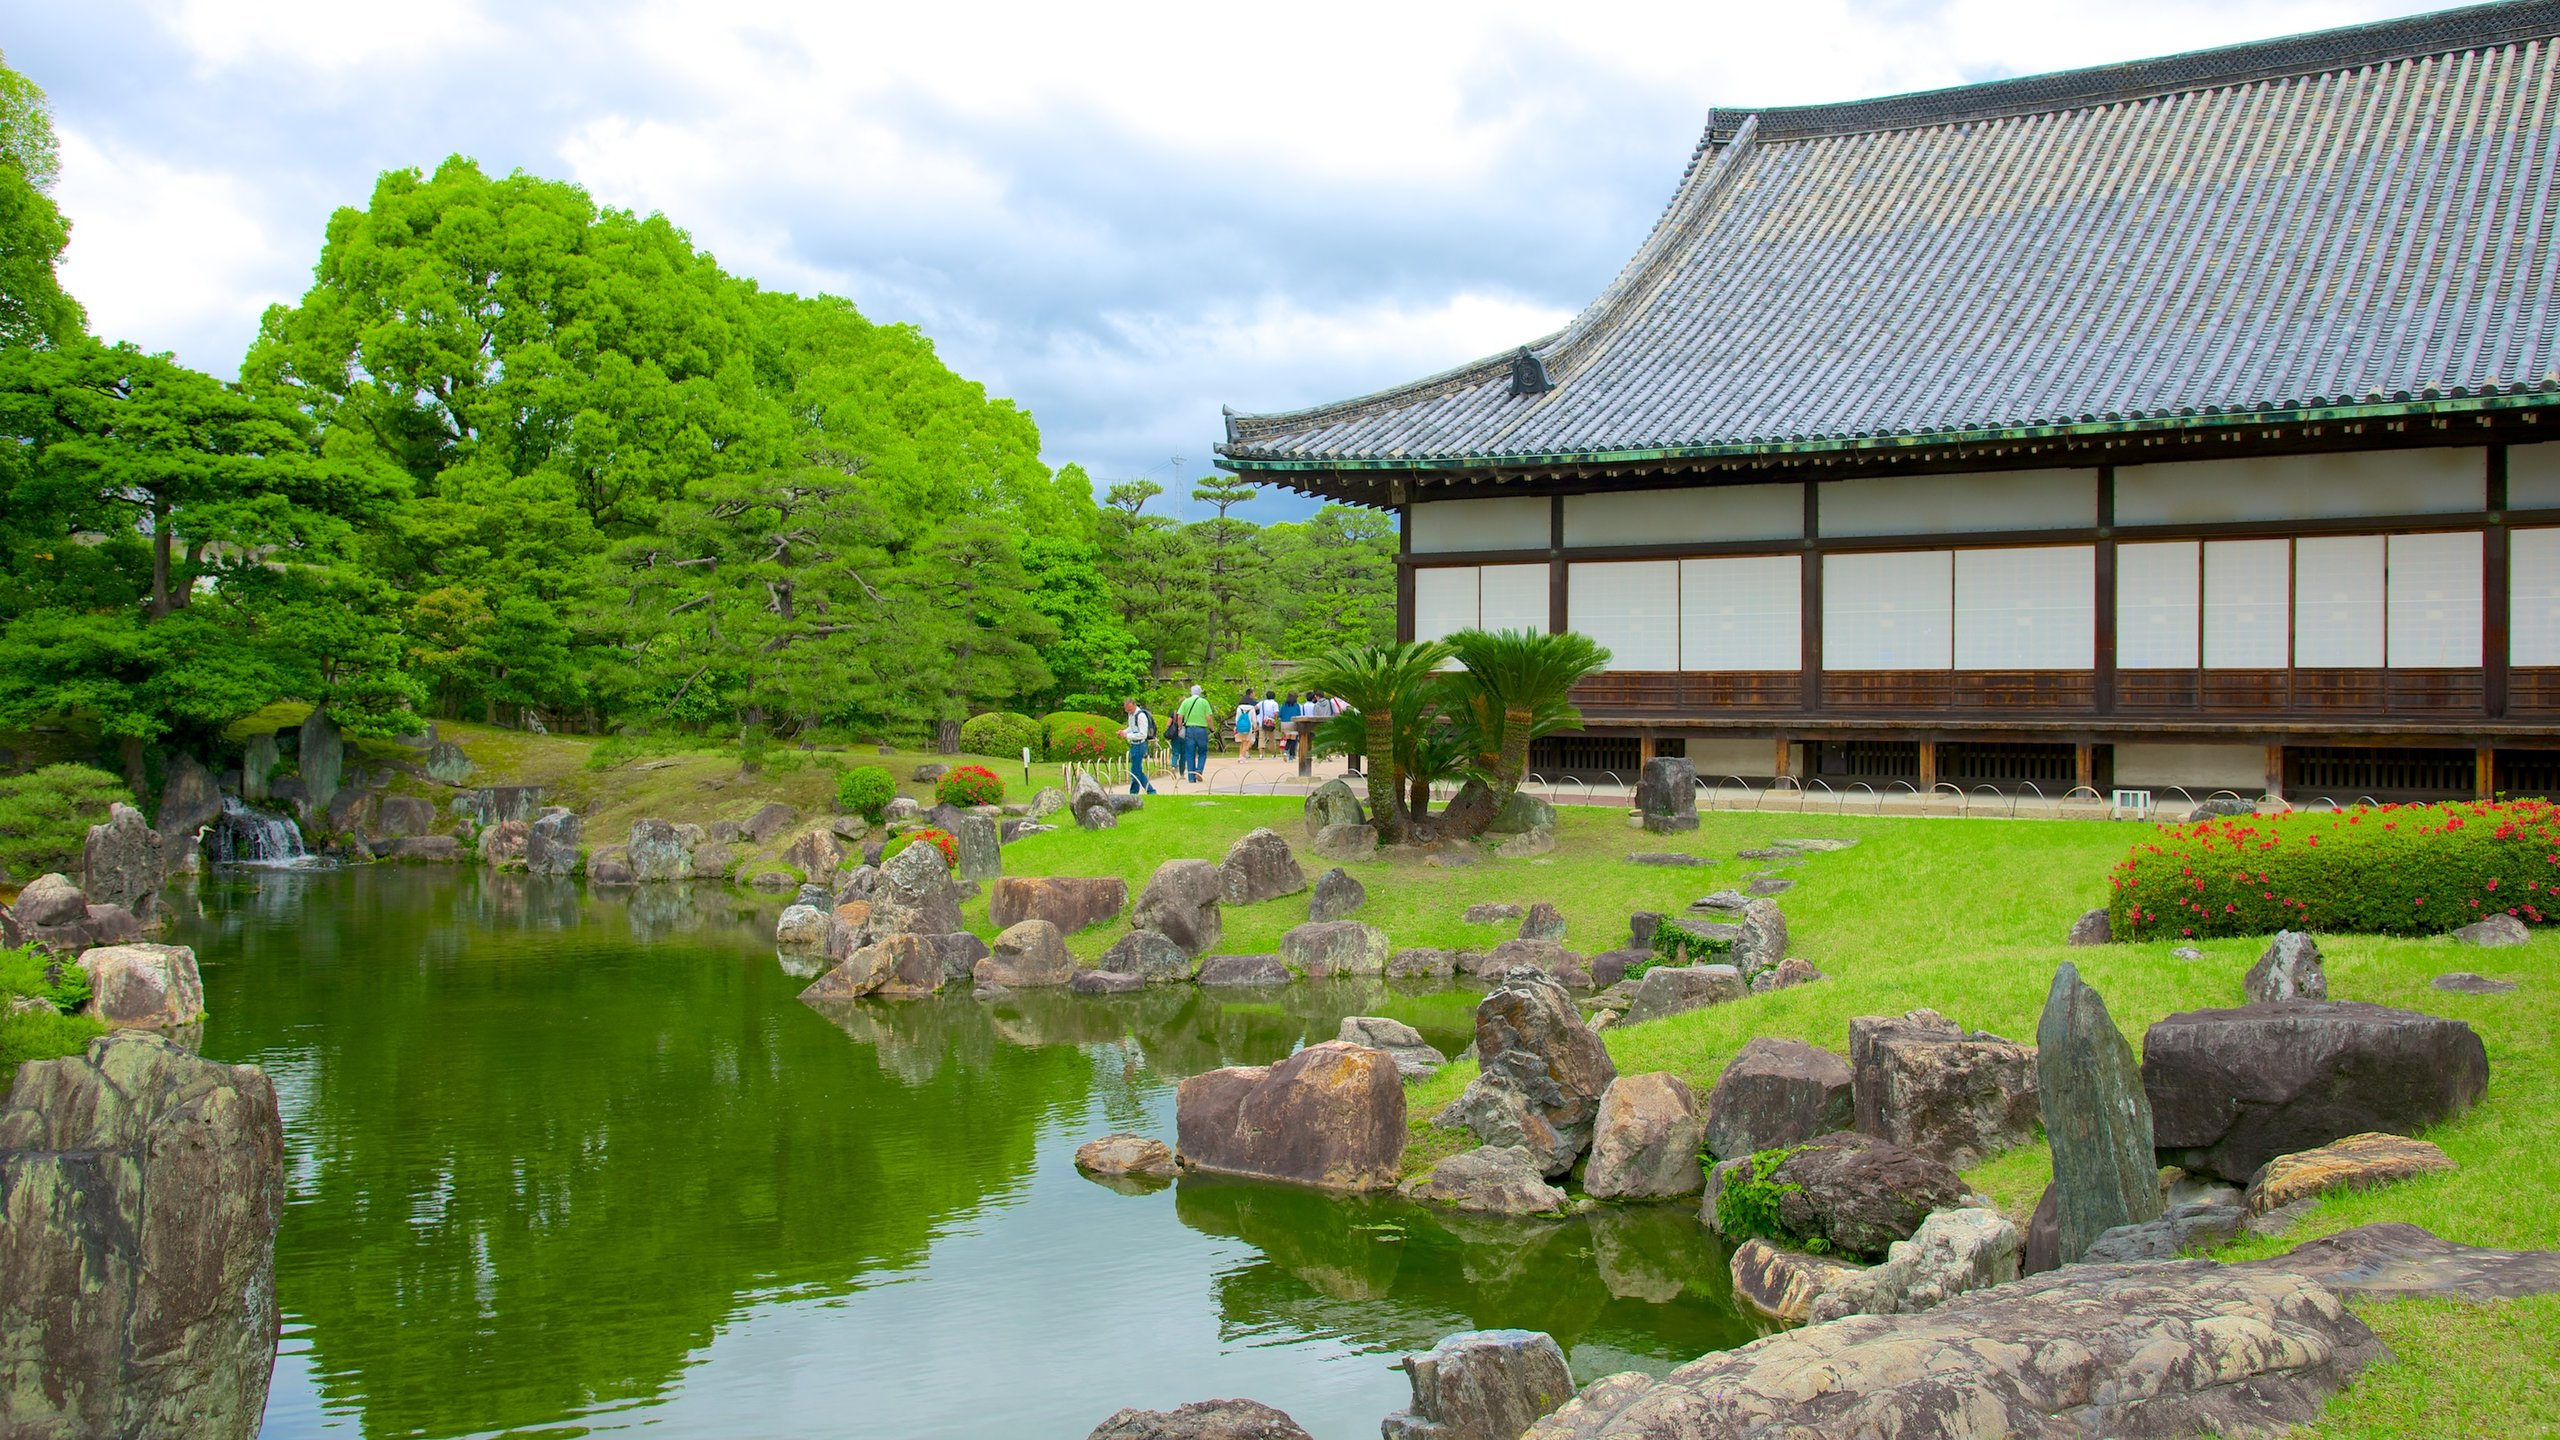 Neem in dit overvloedige zeventiende-eeuwse kasteel een kijkje in de wereld van een rijke, machtige shogun.